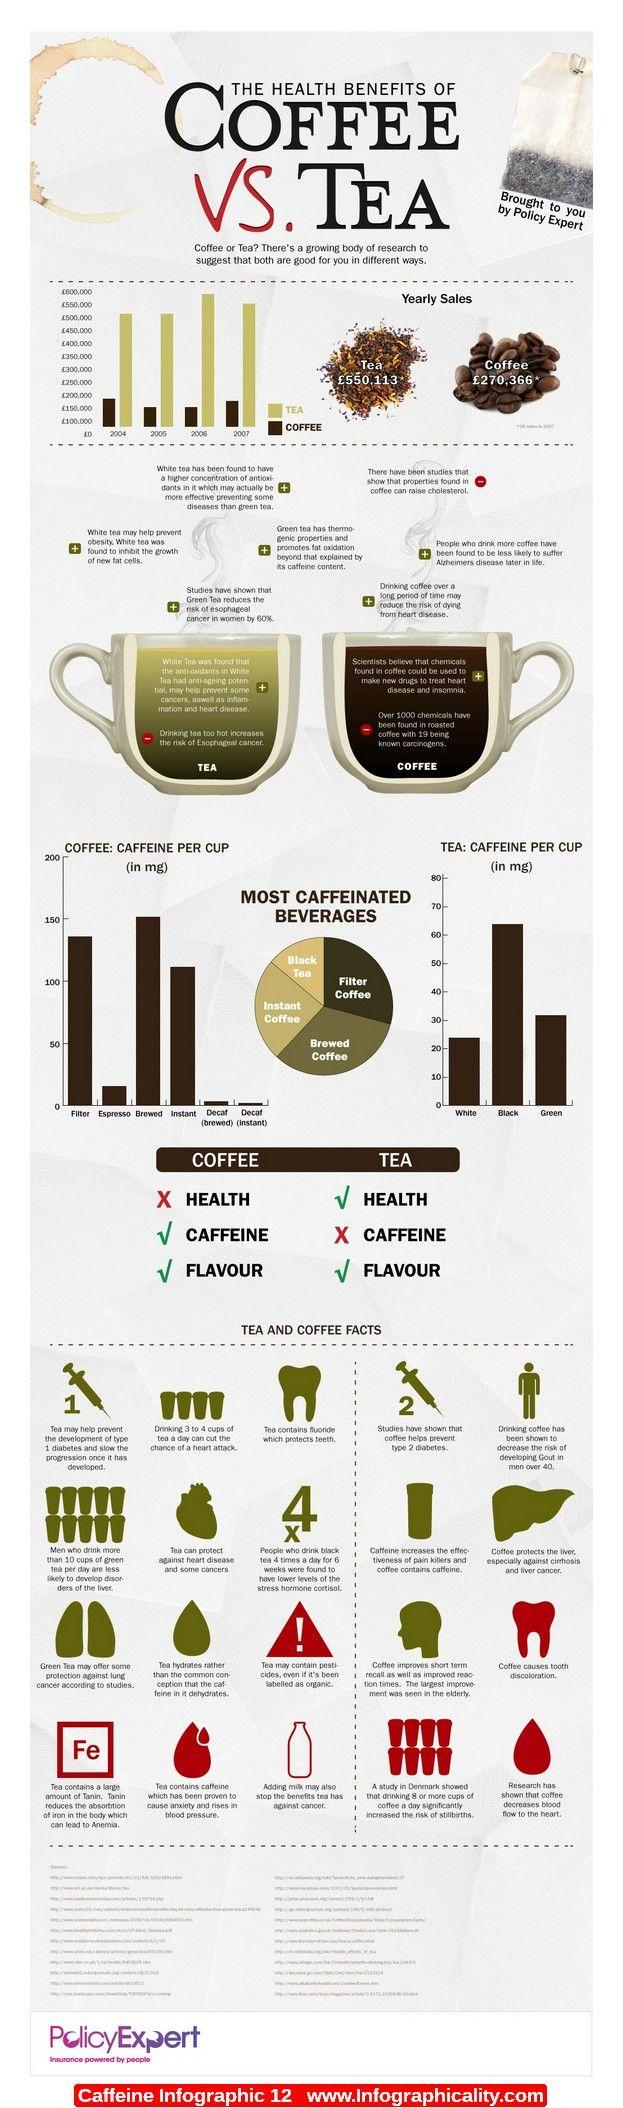 Caffeine Infographic 12 - http://infographicality.com/caffeine-infographic-12/